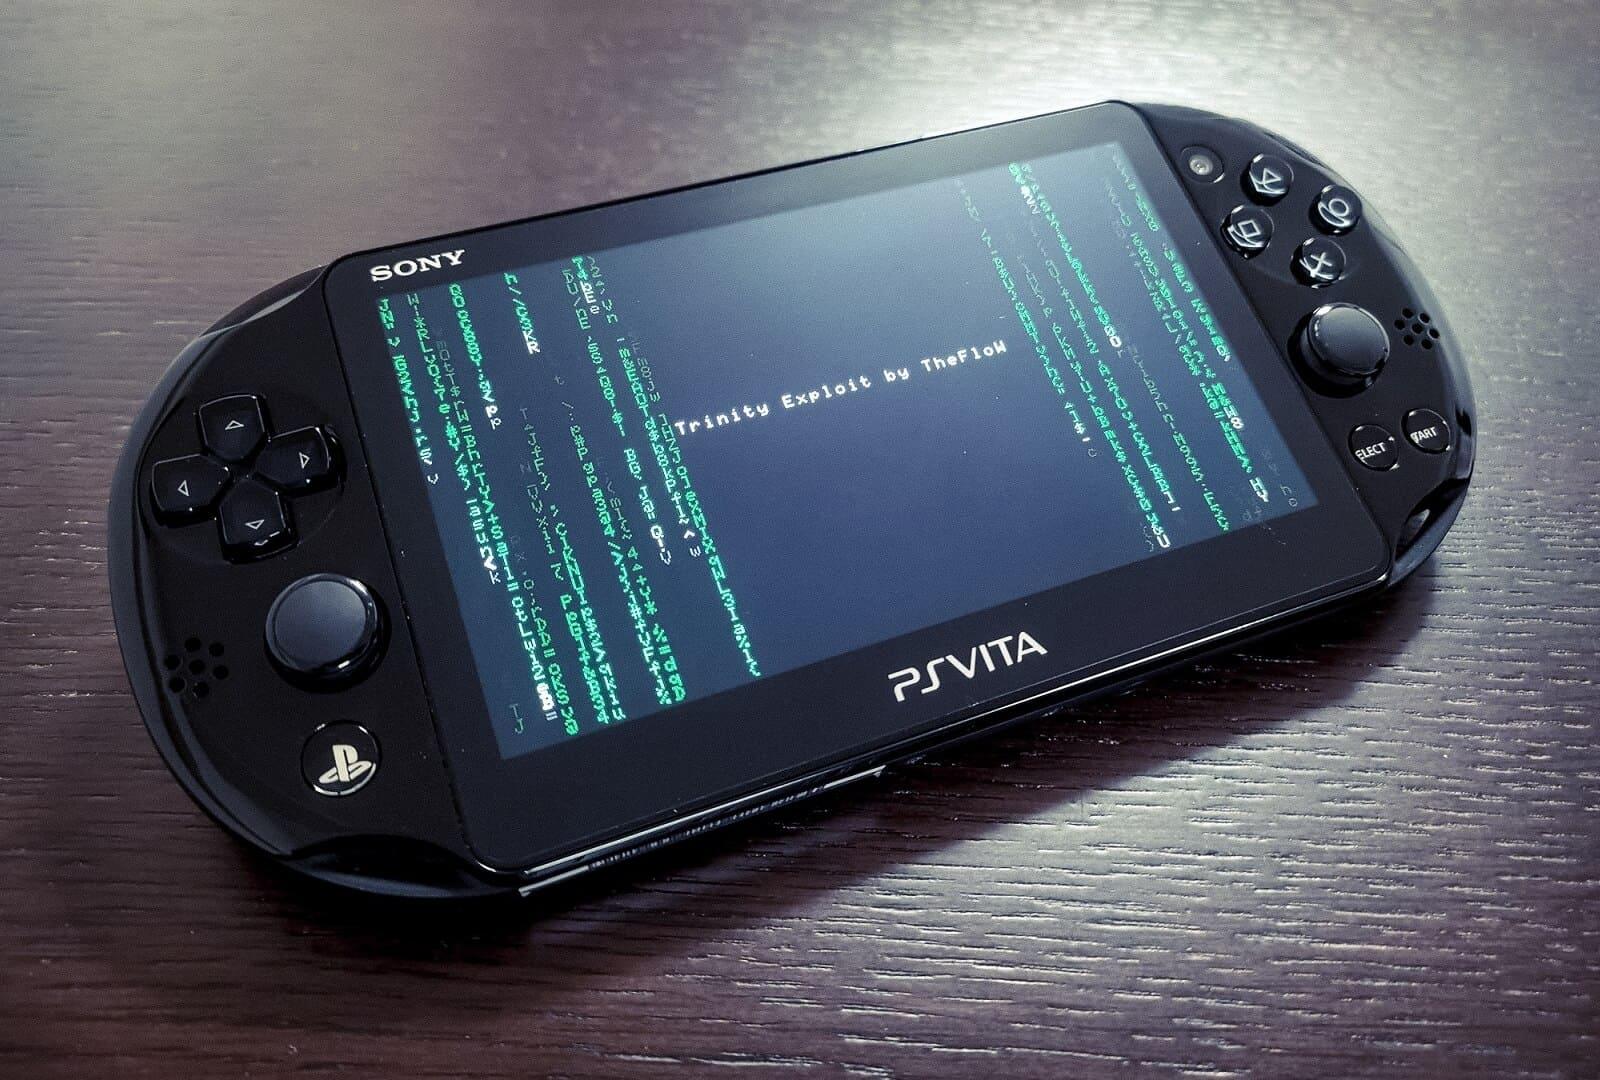 今こそ PS Vitaを買う時がきた!最新ファームウェアを Jailbreak(脱獄)して自由を手に入れろ!